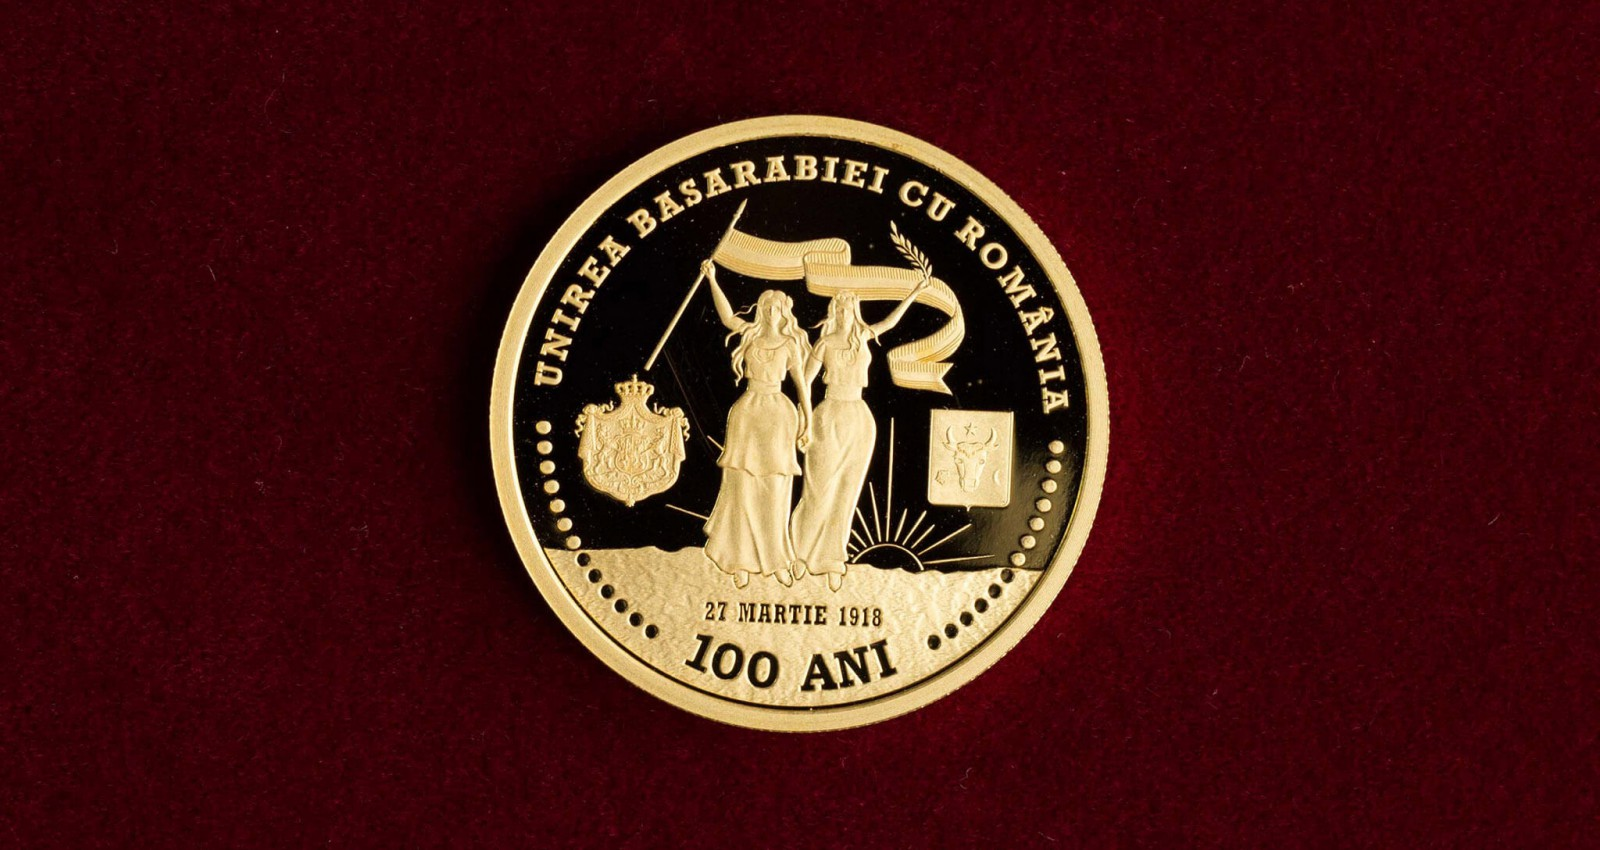 Preţul monedelor şi bancnotelor jubiliare şi comemorative oferite spre vânzare de BNM. Cea mai scumpă este de peste 26 mii de lei